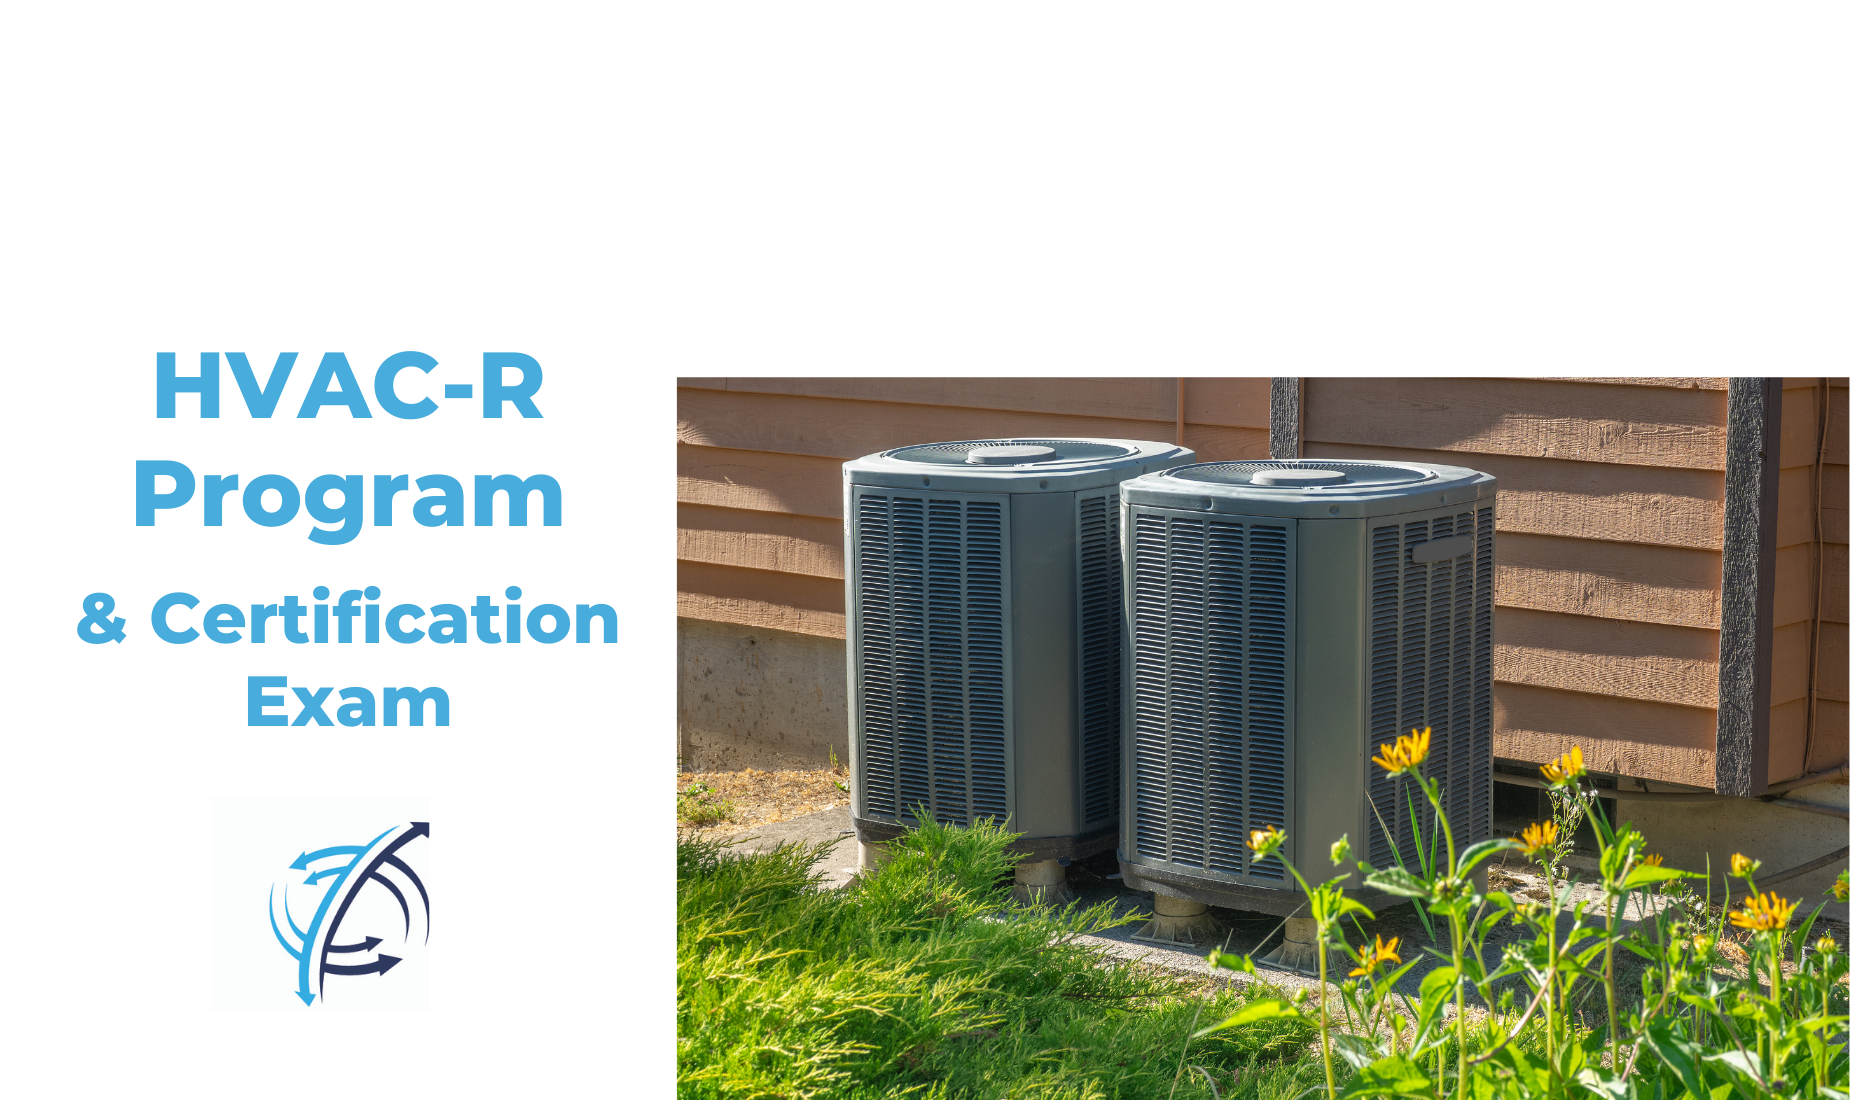 HVAC-R program